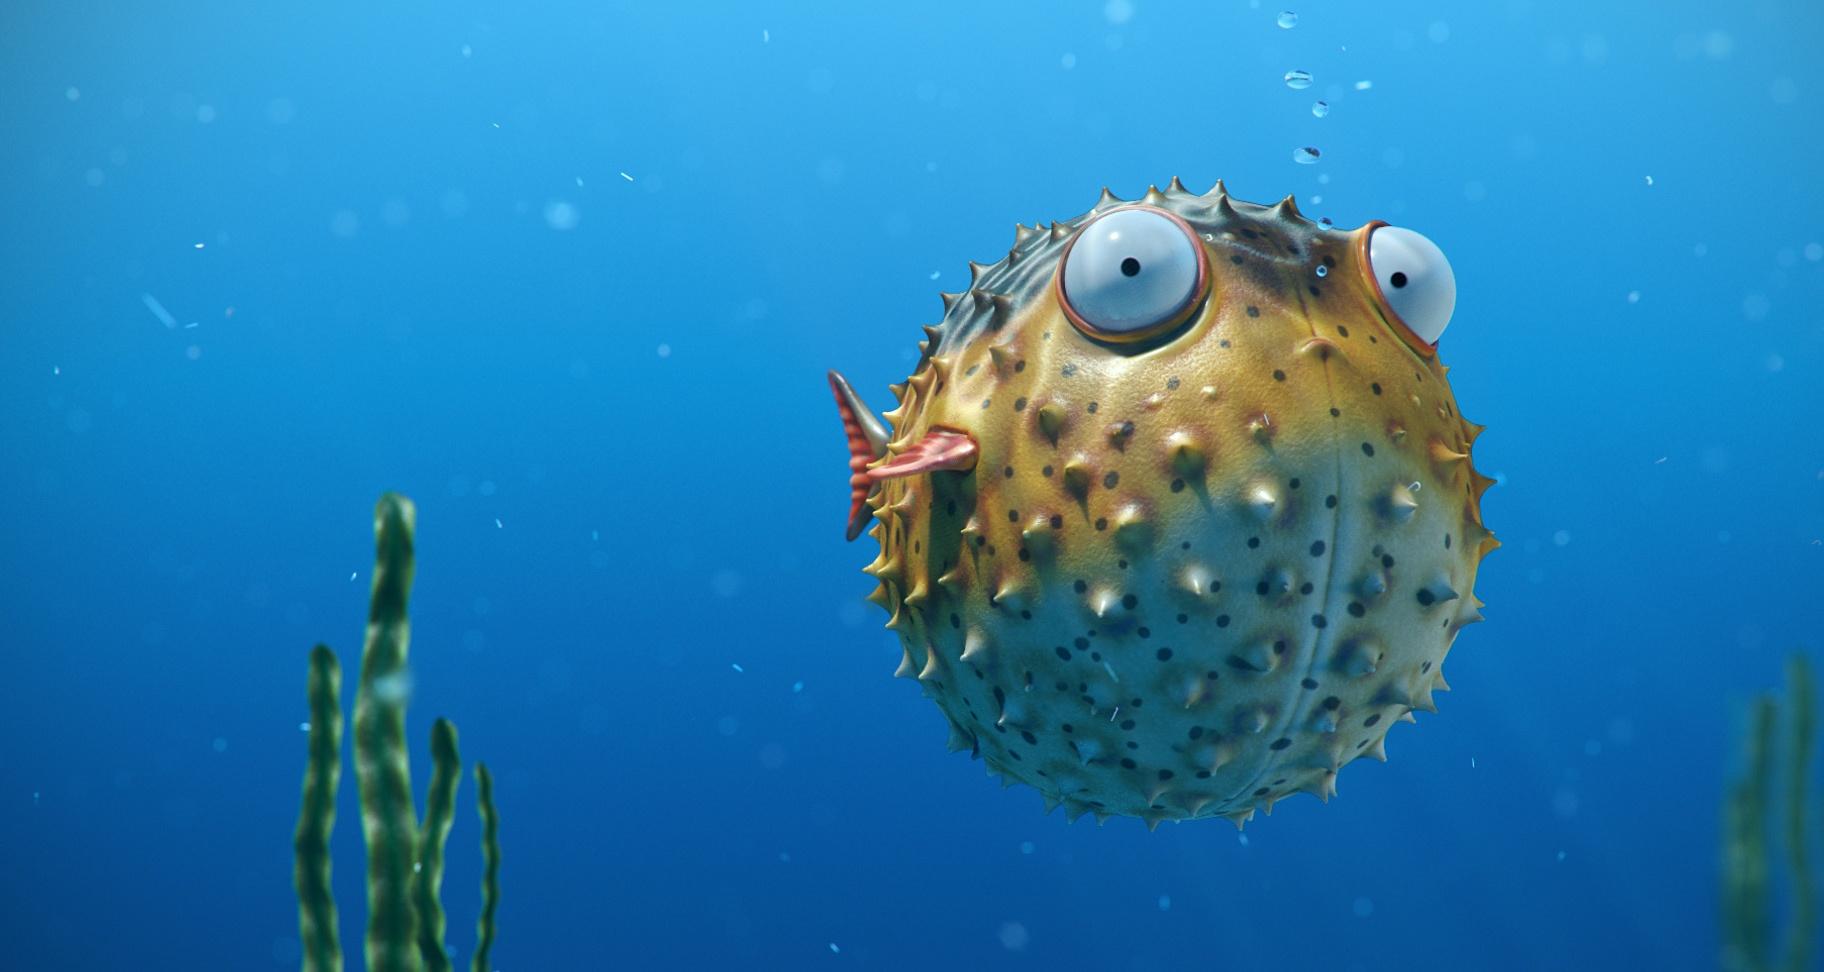 2_render-puffer-peixe-arte-bolhas-engraçado-hd-papel de parede